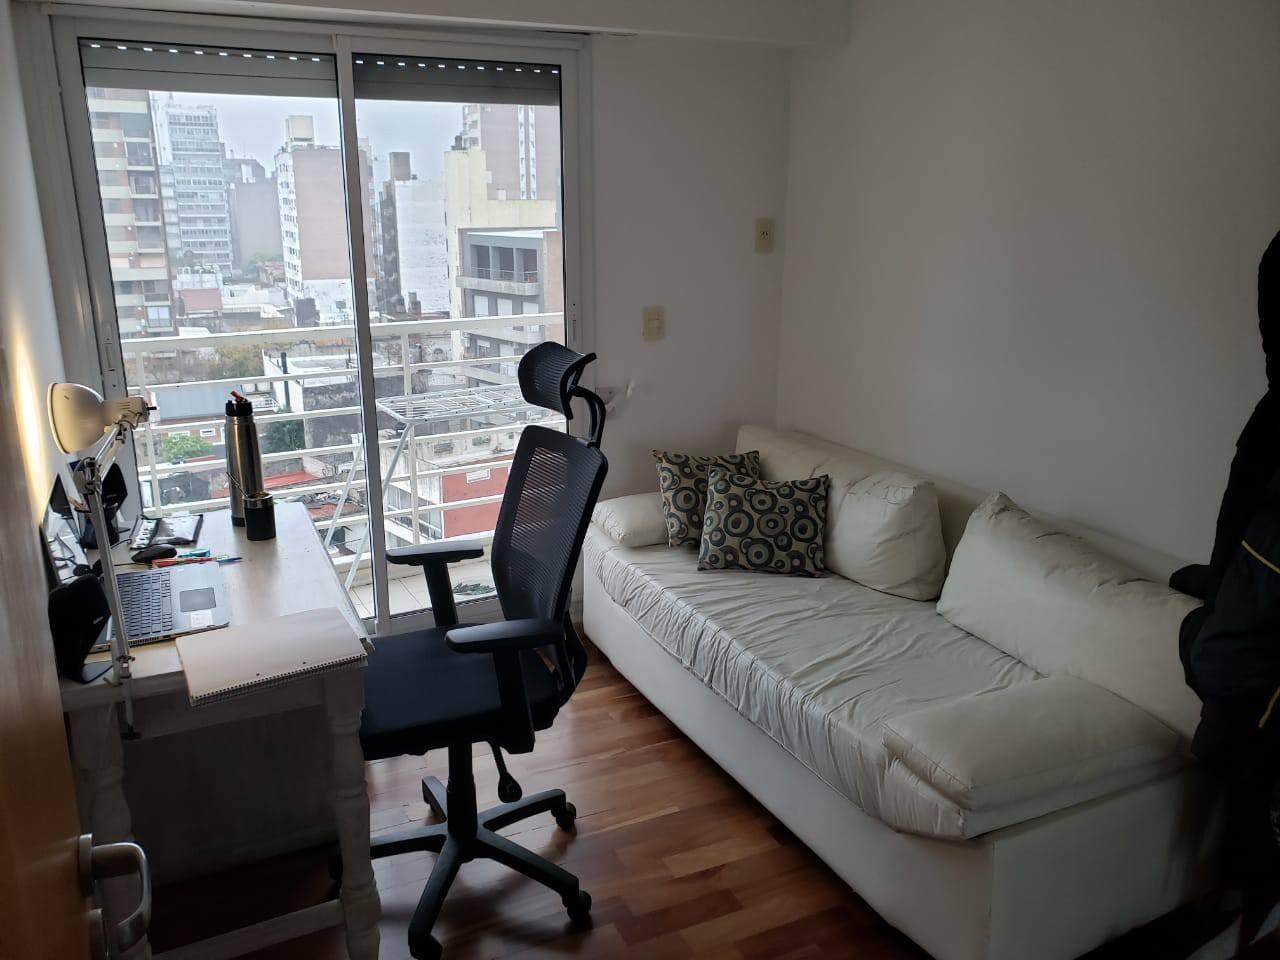 Sillón para dormir en habitación privada, en un departamento con espacios compartidos, cercano a la zona del parque Independencia de Rosario.